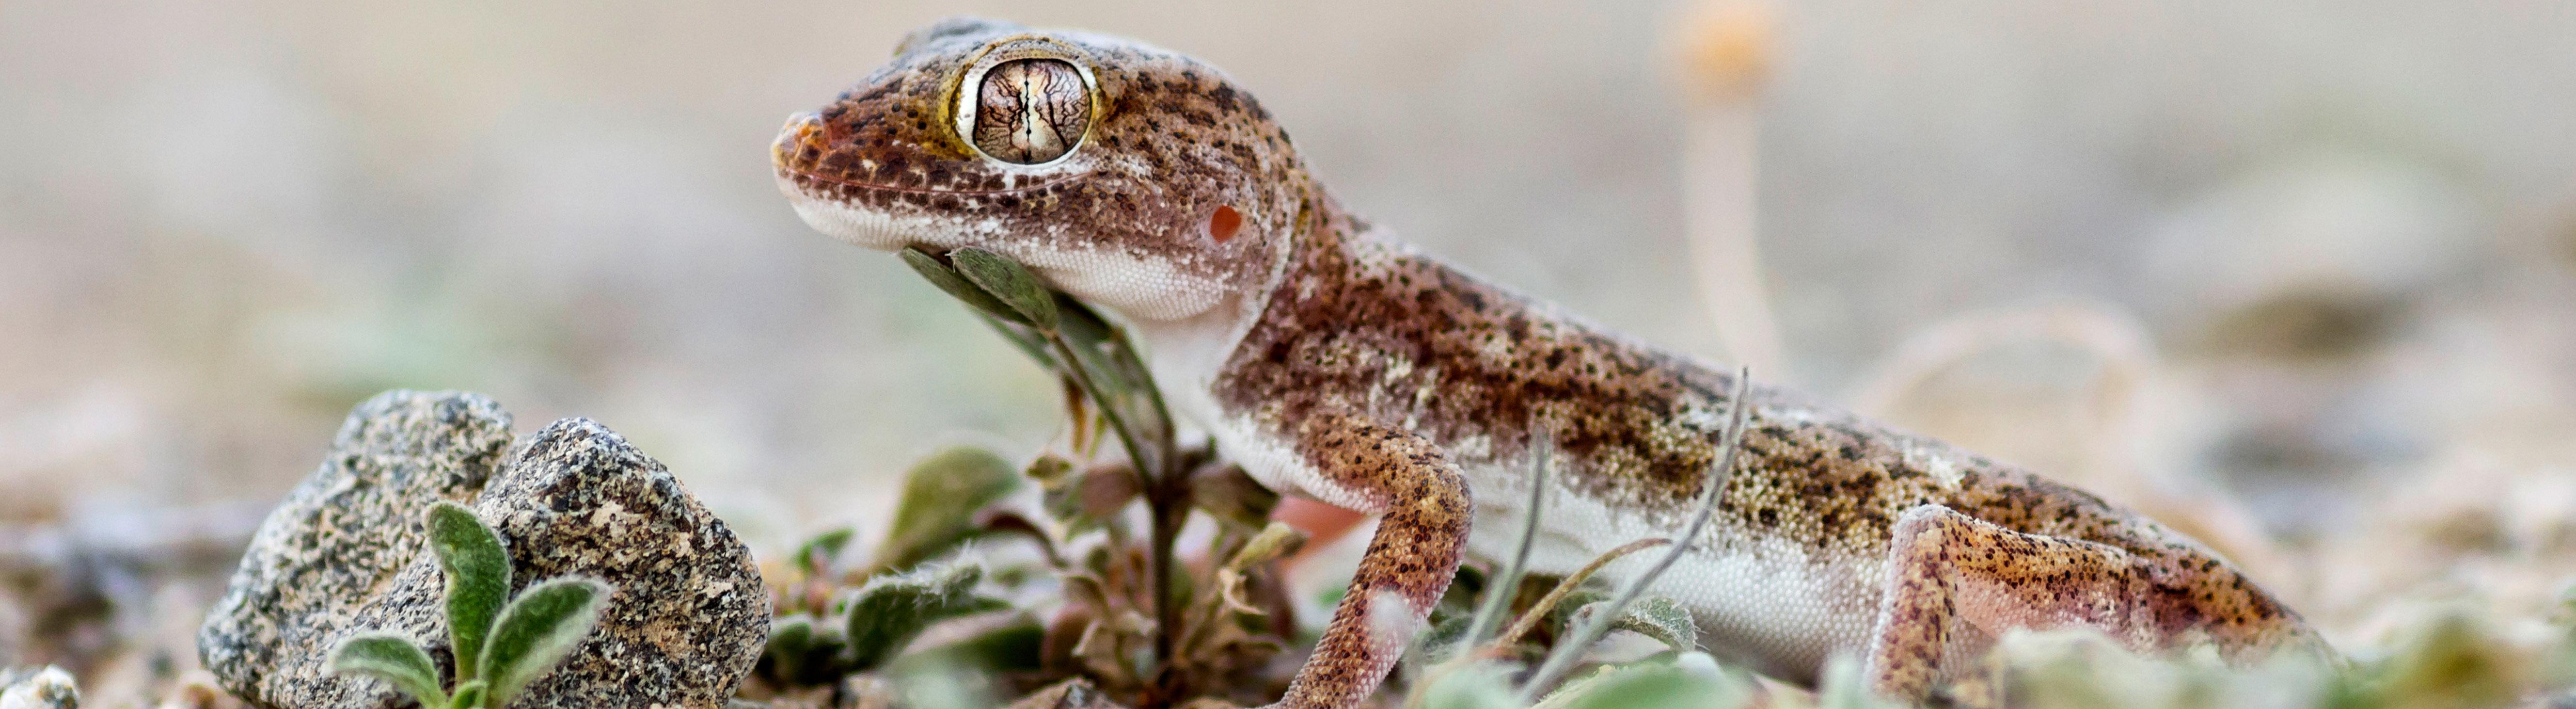 Oestlicher Sand-Gecko, Oestlicher Sandgecko (Stenodactylus leptocosymbotes), Seitenansicht, Oman Southern short-fingered Gecko, Eastern sand gecko (Stenodactylus leptocosymbotes),